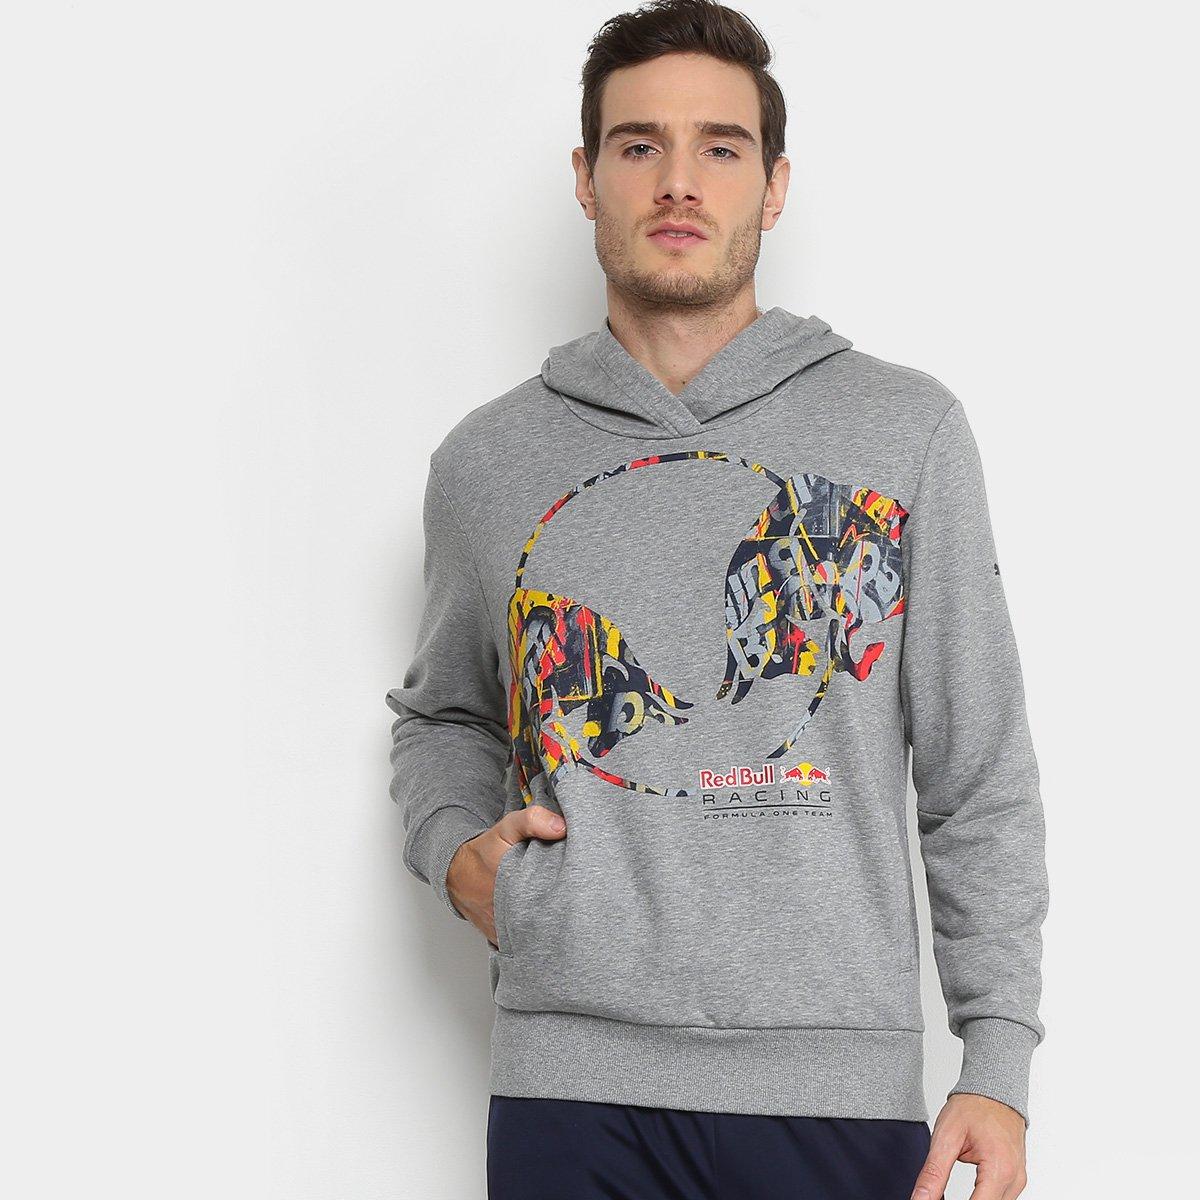 Moletom Puma Double Bull Red Bull Racing Masculino - Cinza - Compre ... 1e2023c399b